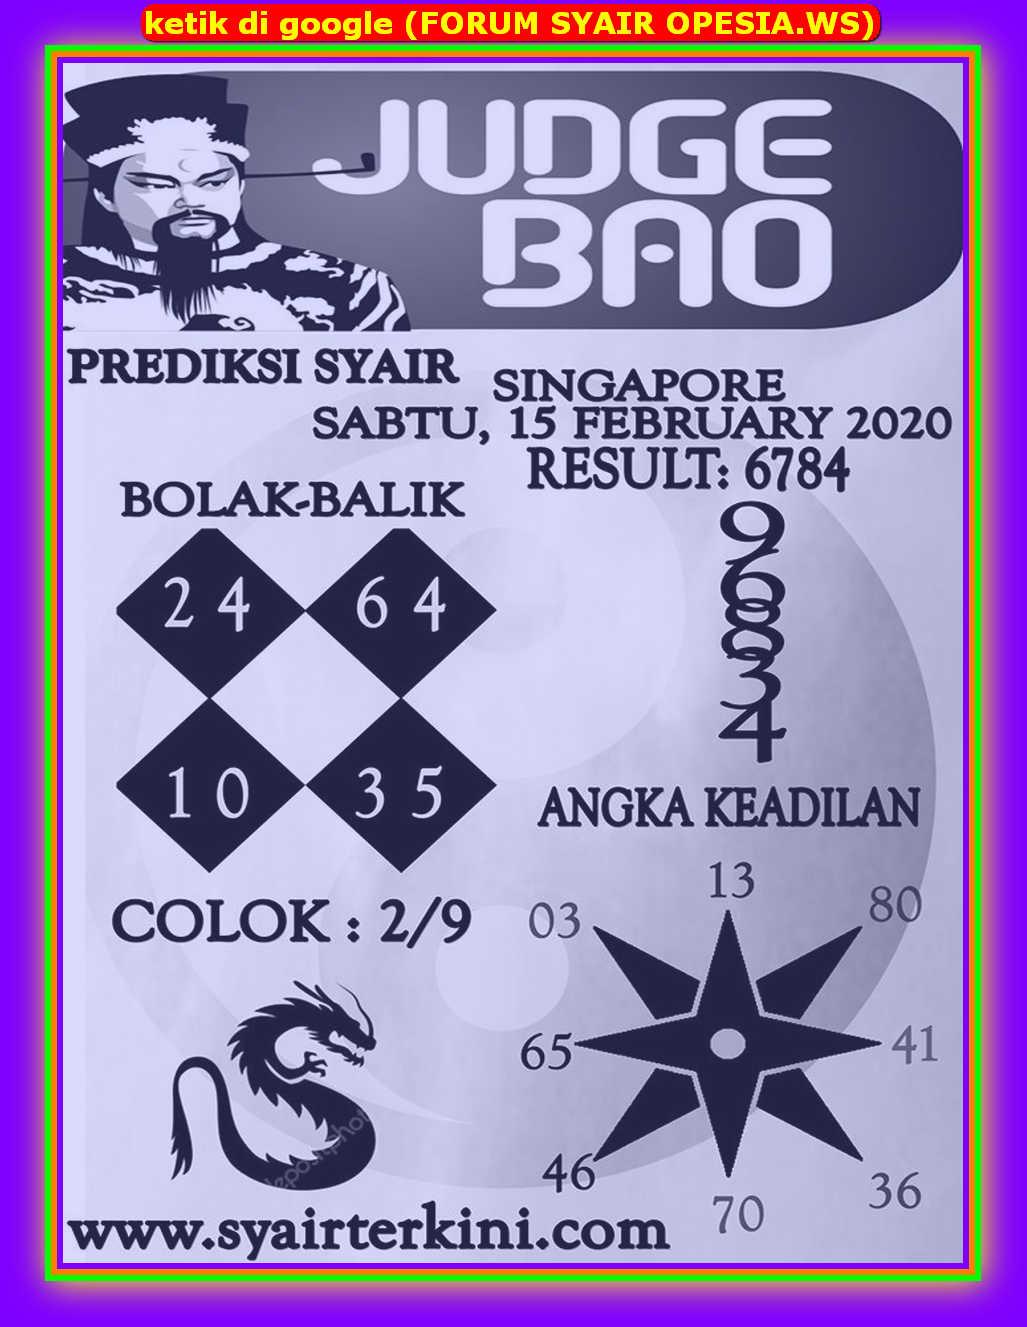 Kode syair Singapore Sabtu 15 Februari 2020 60